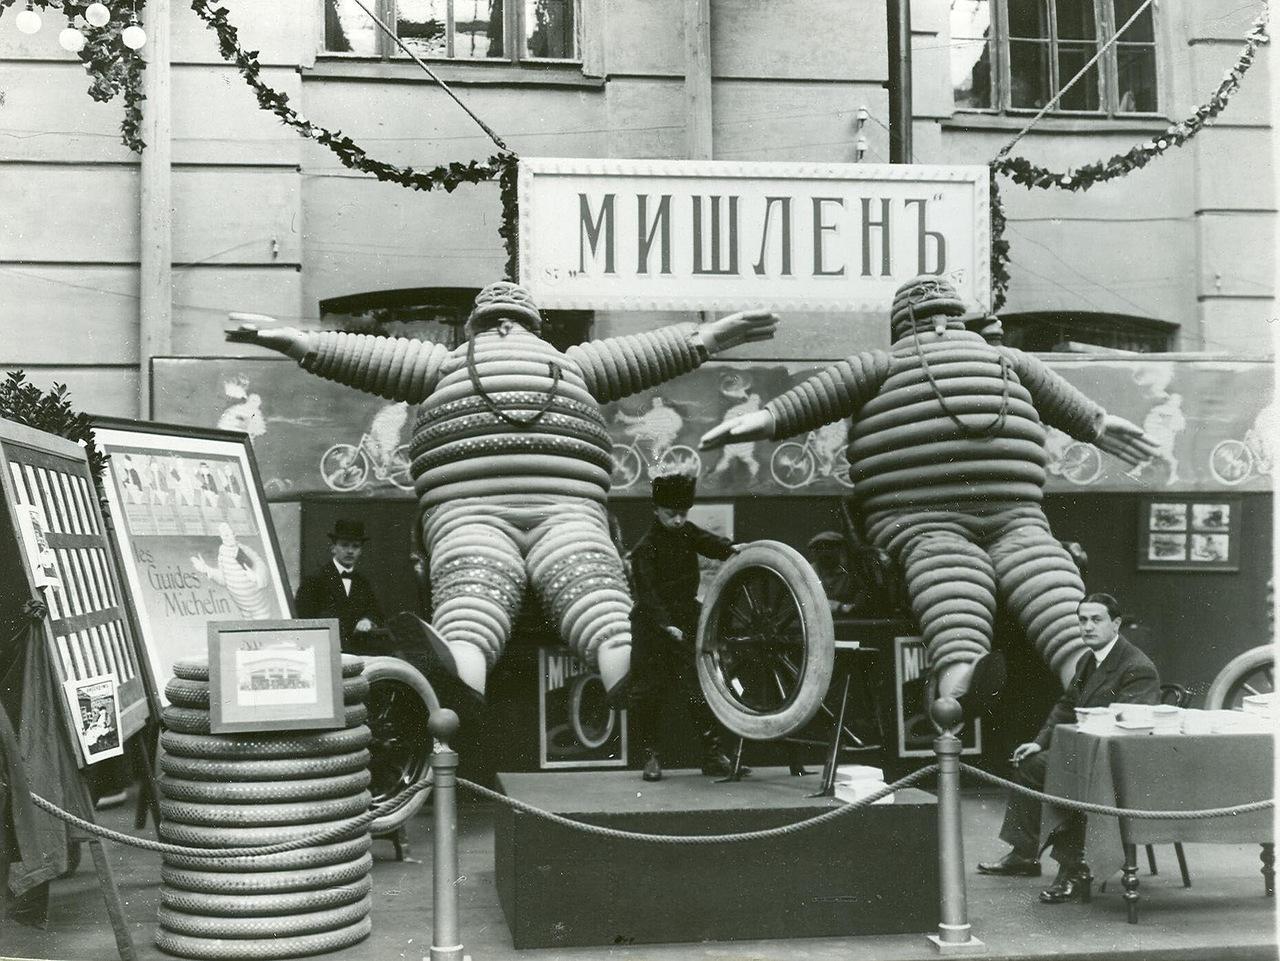 0_a941e_fd60c84a_XXXLЭкспонаты французской фирмы Мишлен на Четвертой Международной автомобильной выставке в Михайловском манеже.